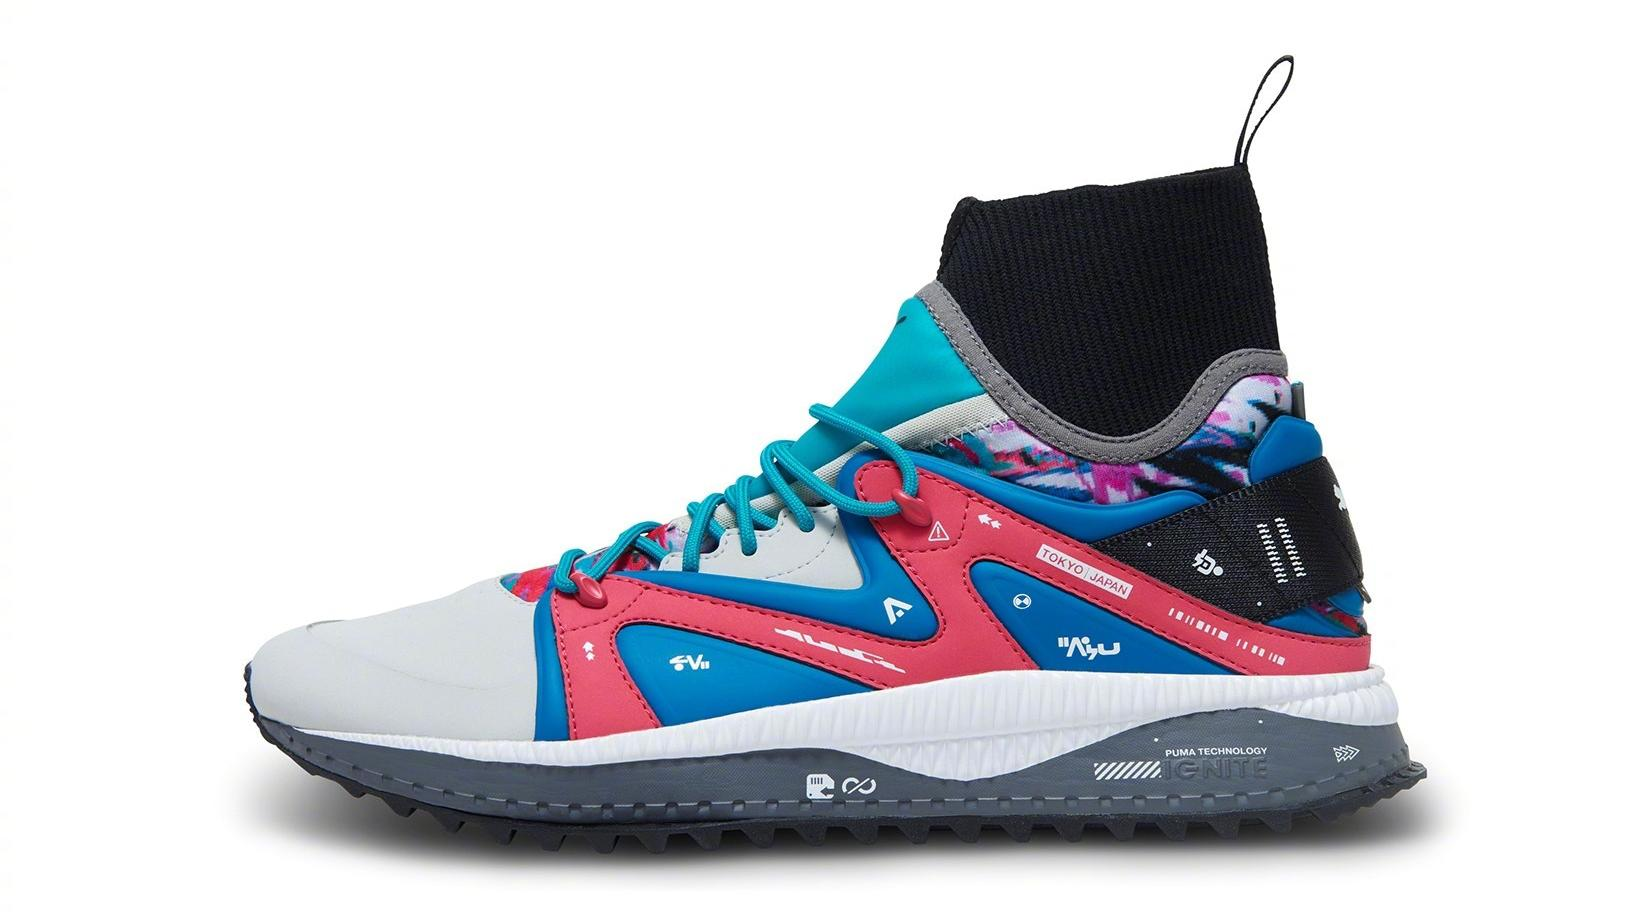 彪马推出全新联名鞋款,下月发售!